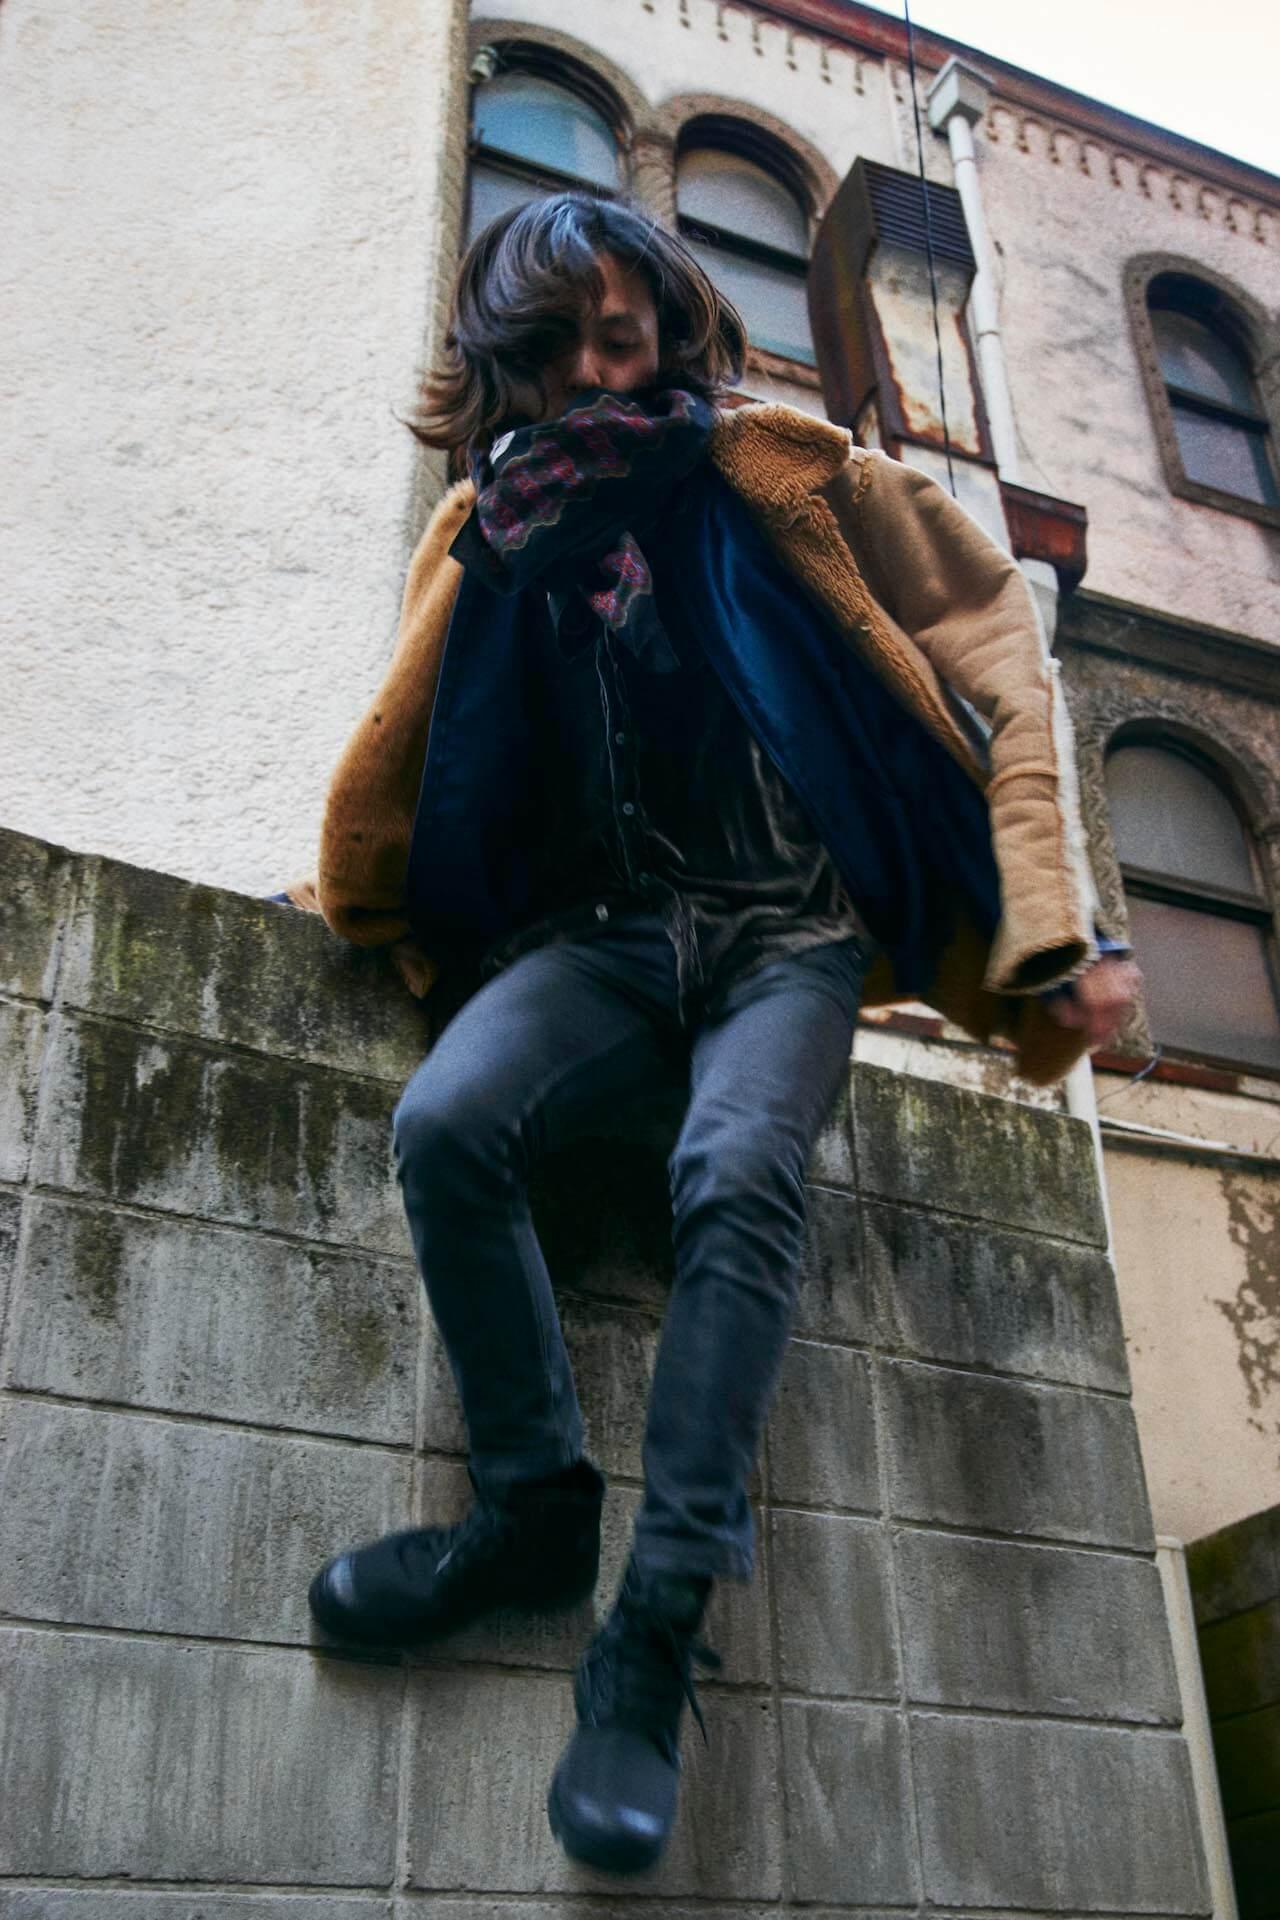 PALLADIUM×HAPPY|ファッションと音楽の関係性を探る都市探索 interview-happy-11